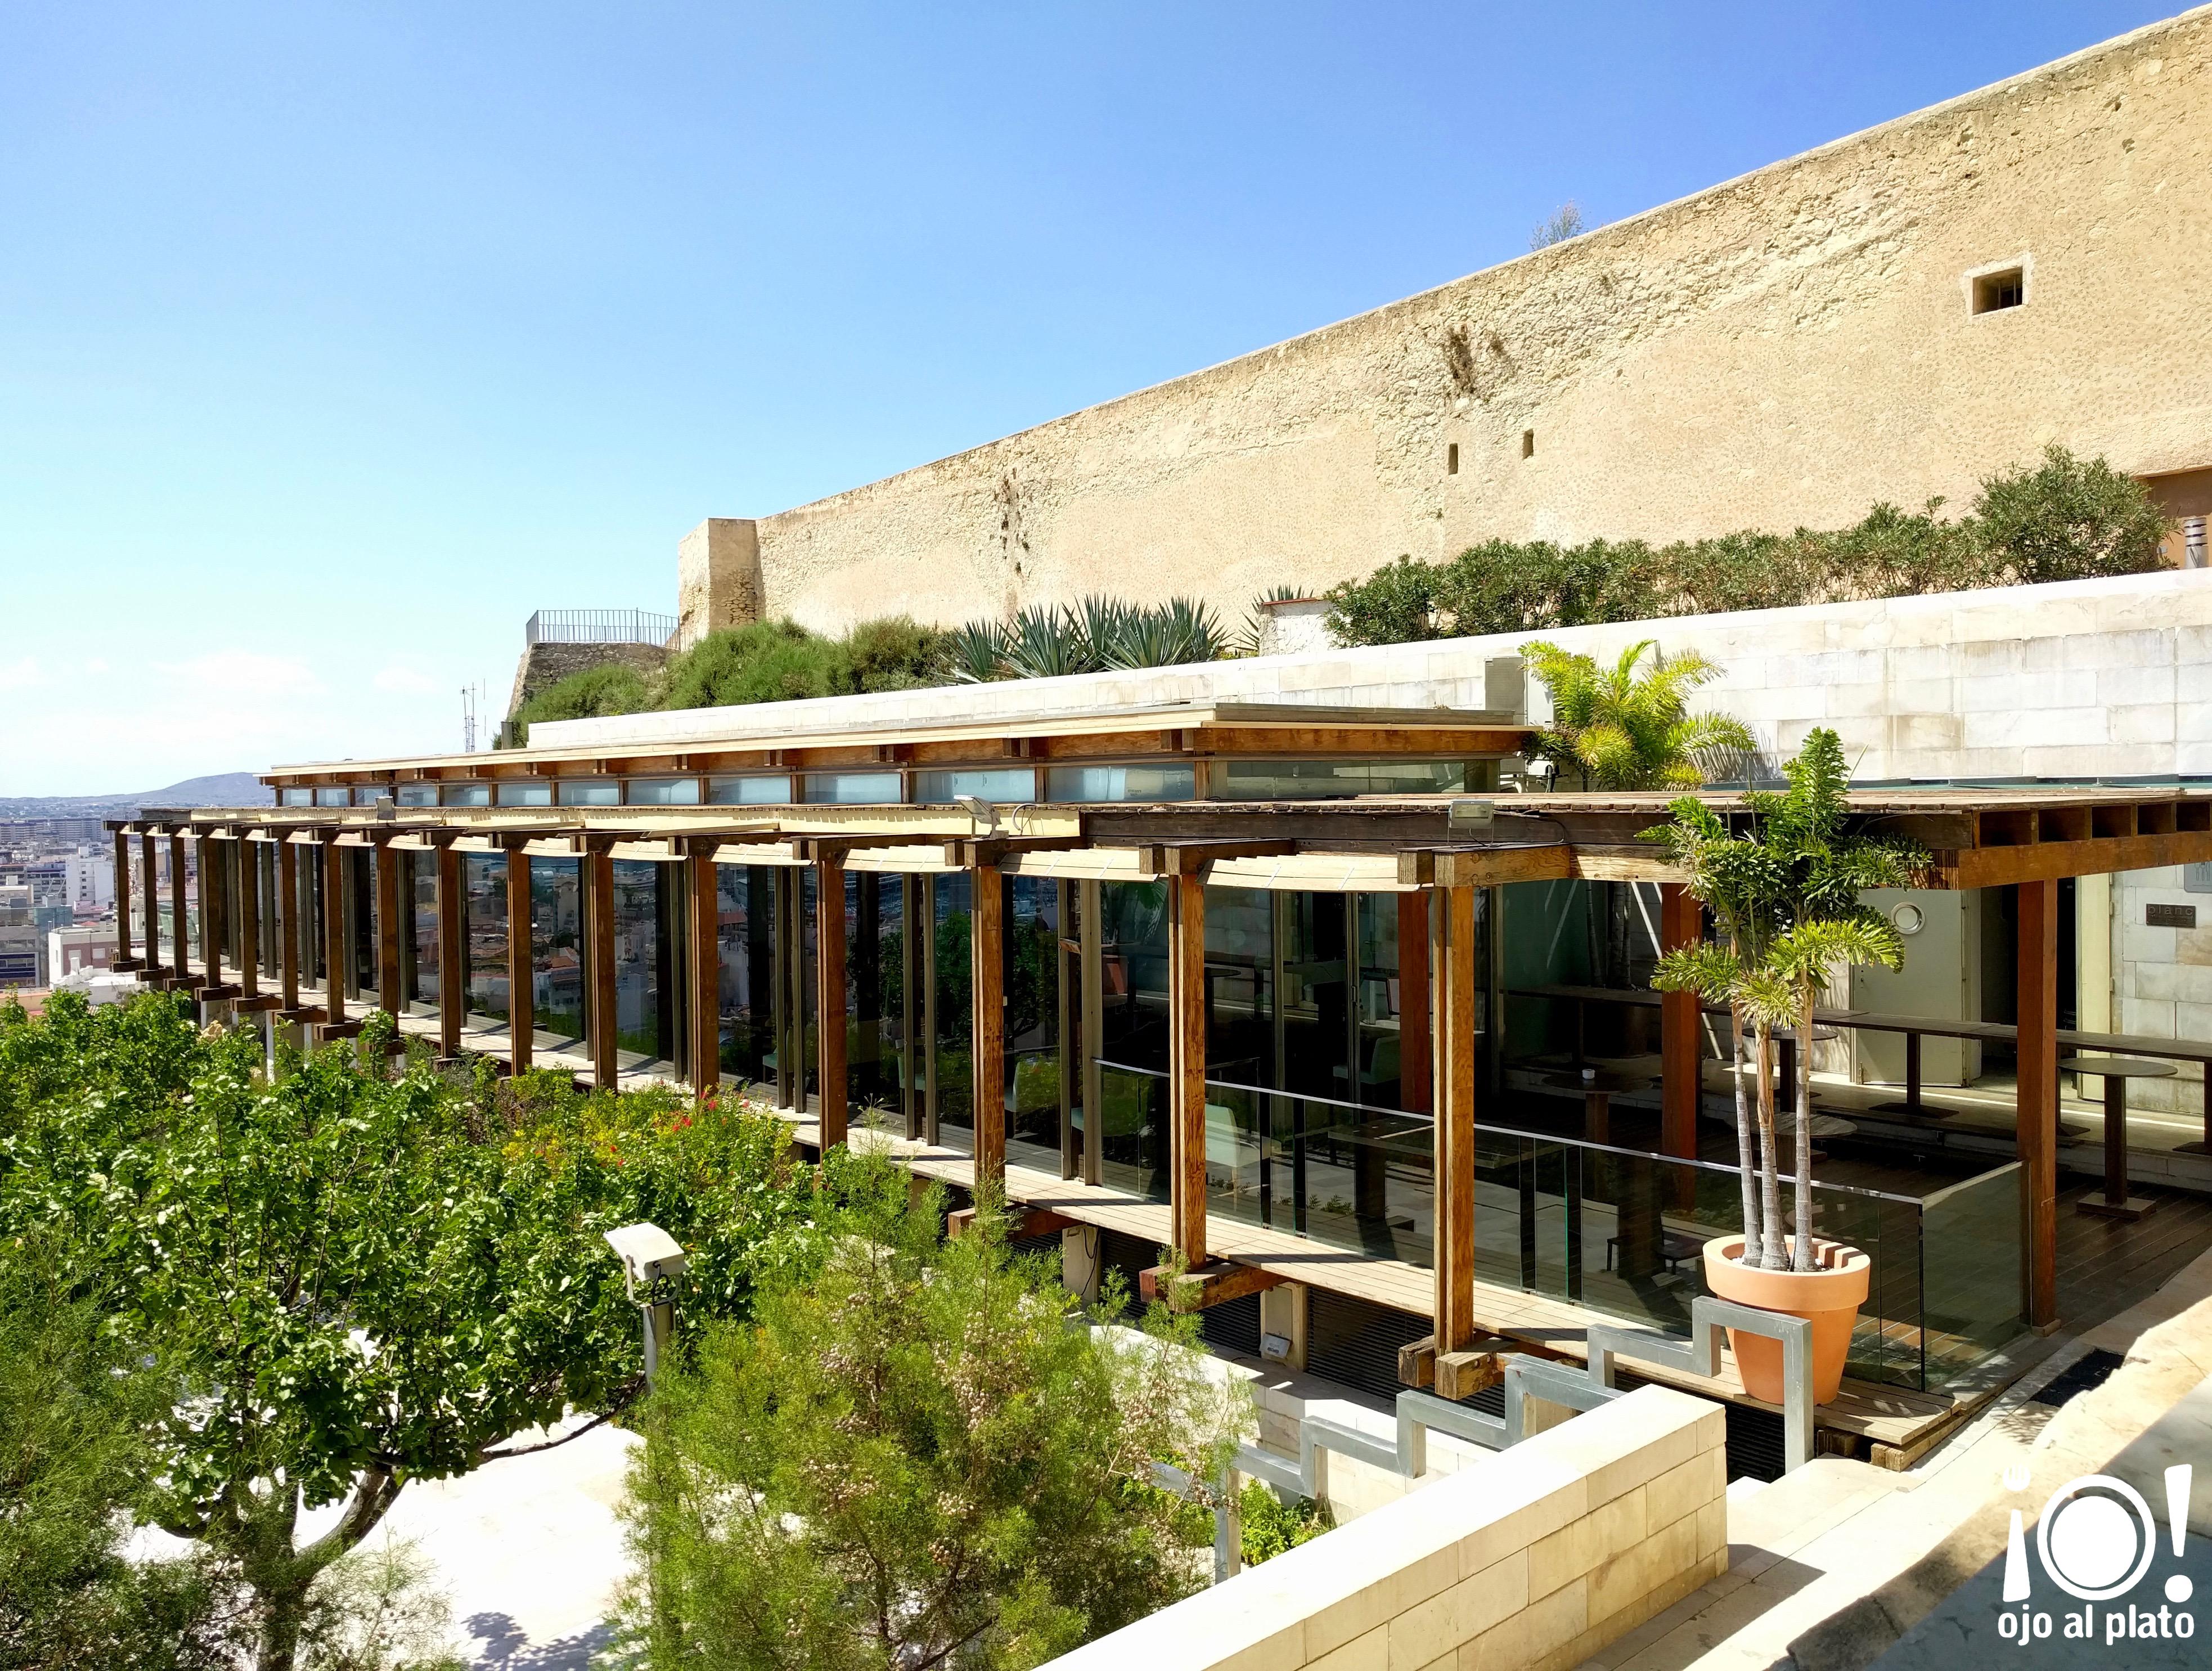 Restaurante Ereta